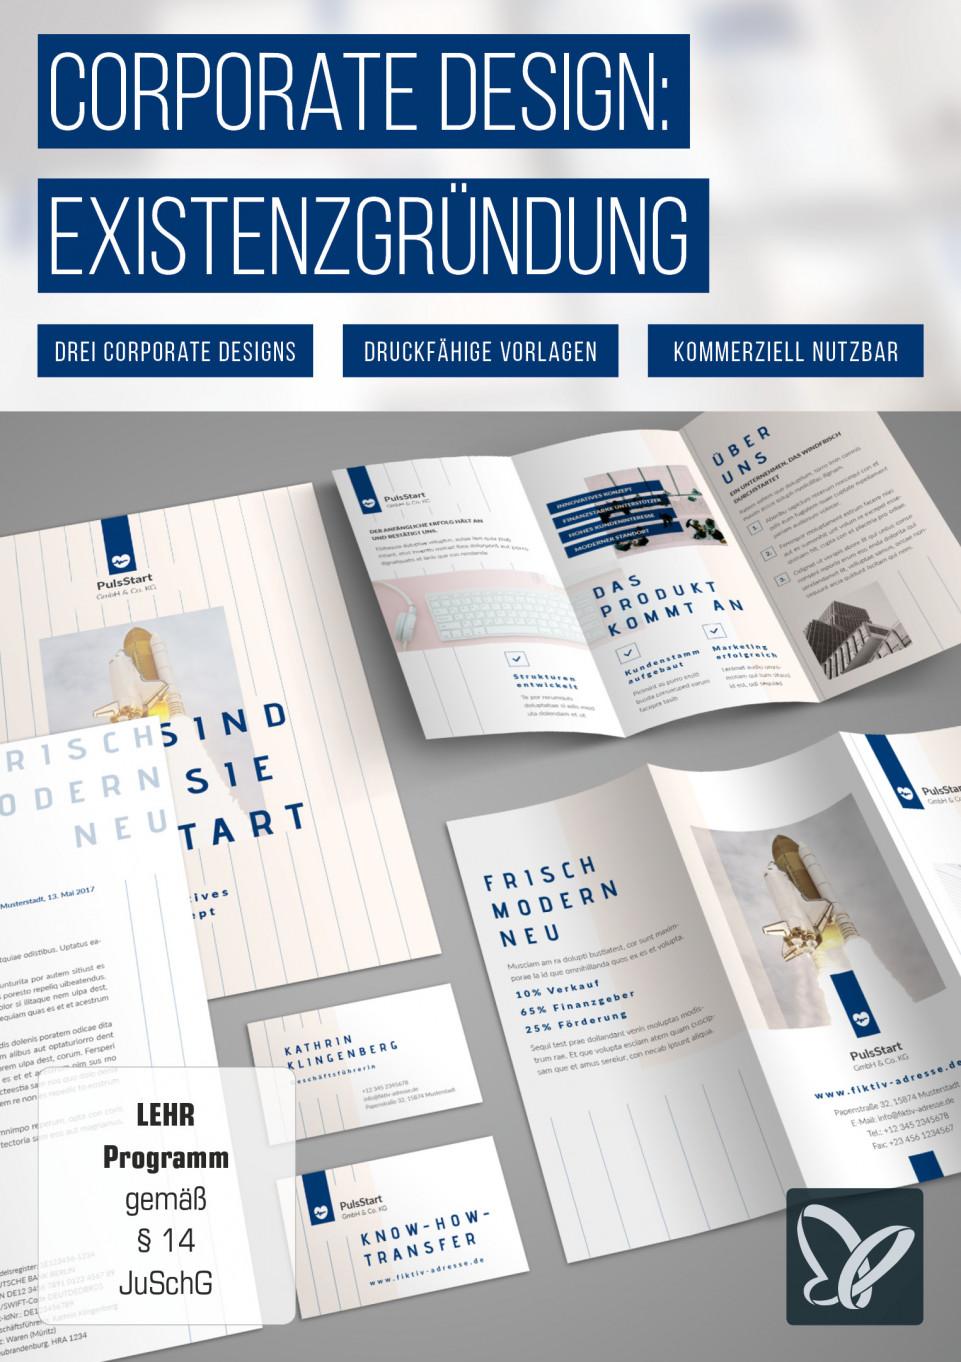 Corporate Design-Paket: Ausstattung und Marketing für Startups & Existenzgründer